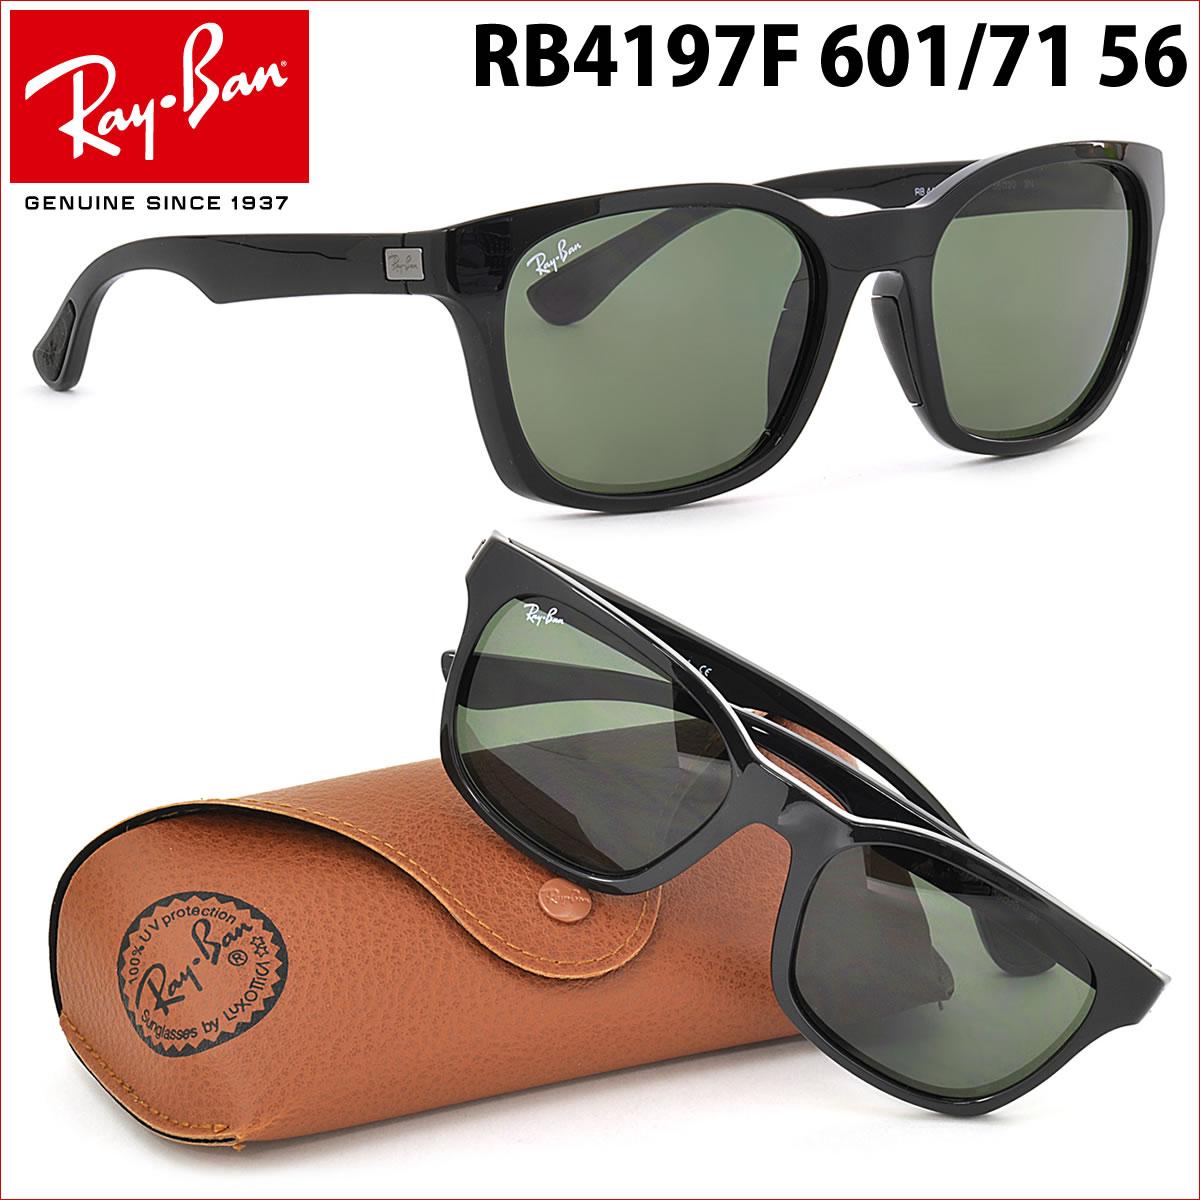 Rb4197f 60171 56 c1